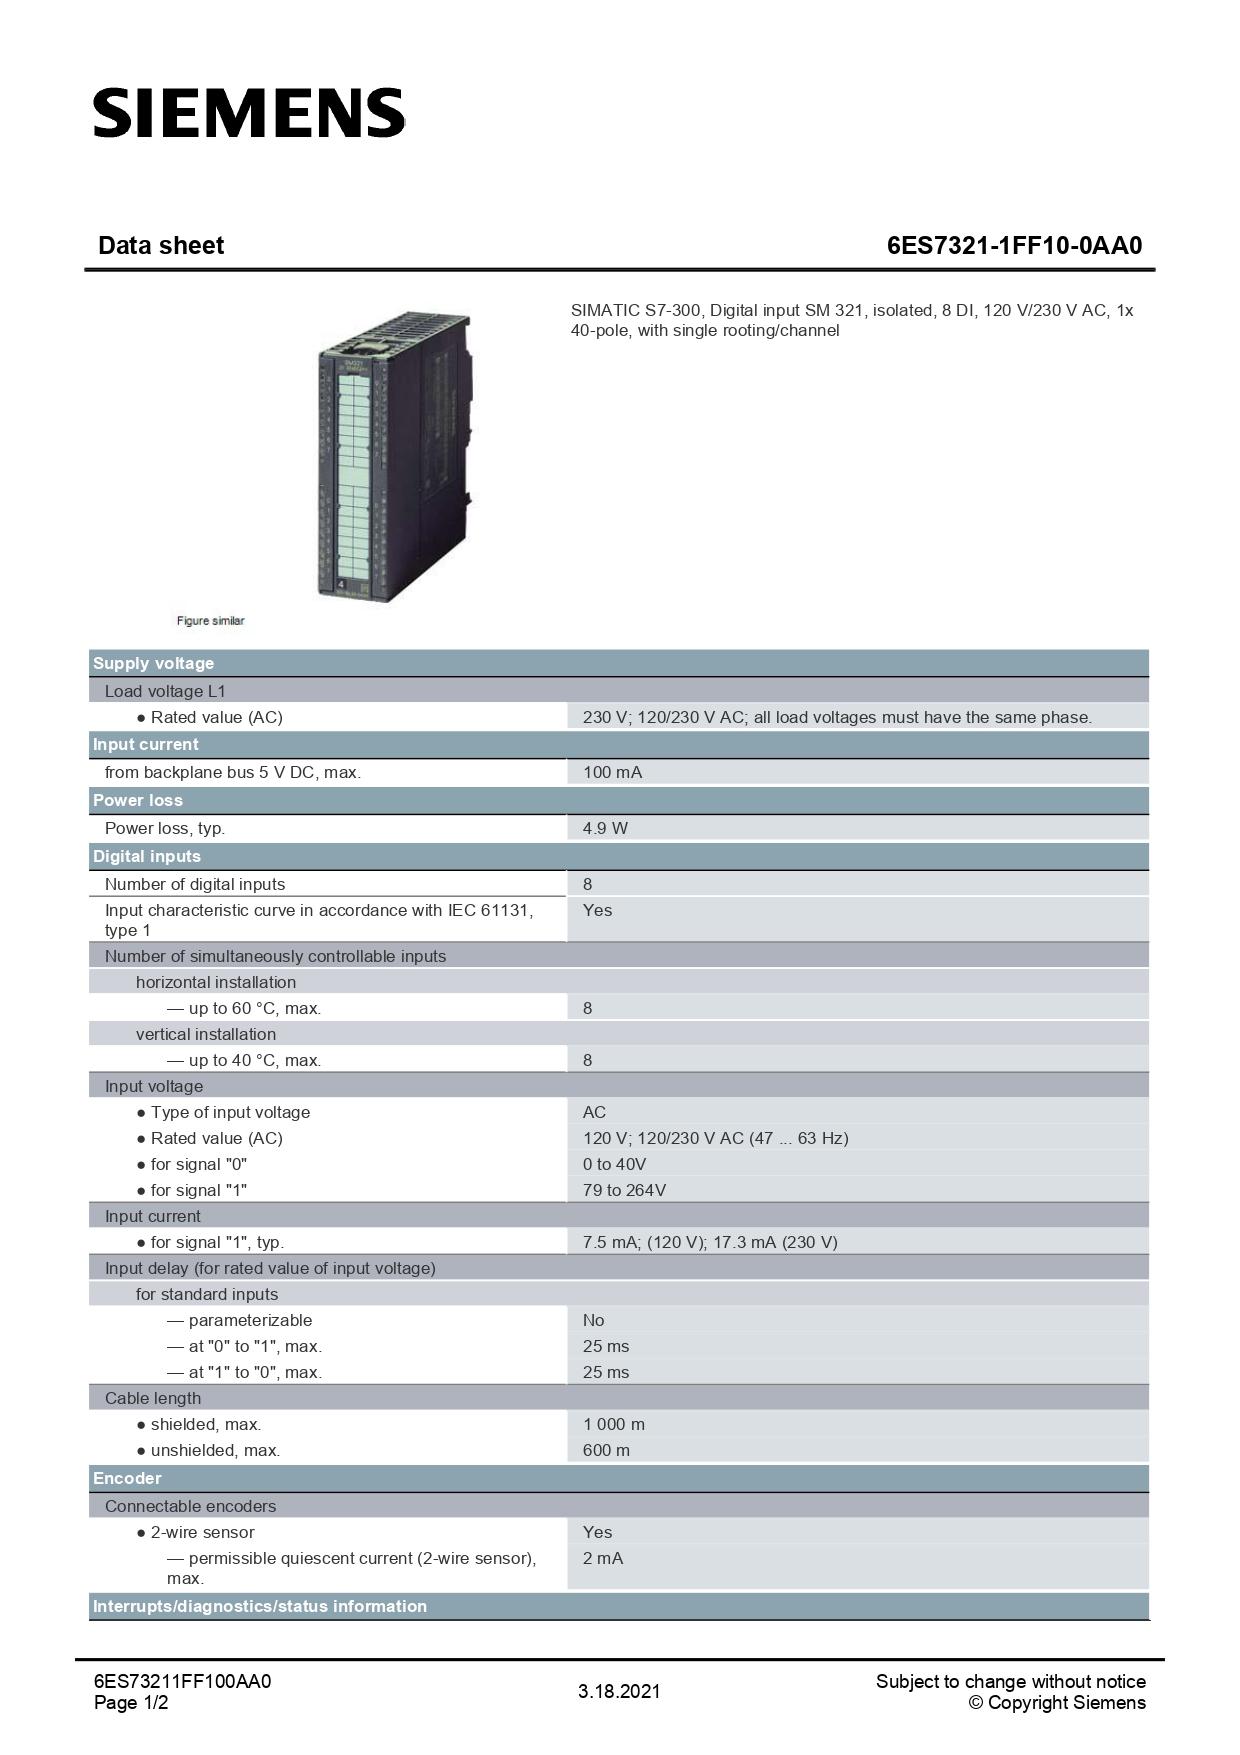 6ES7321-1FF10-0AA0_datasheet